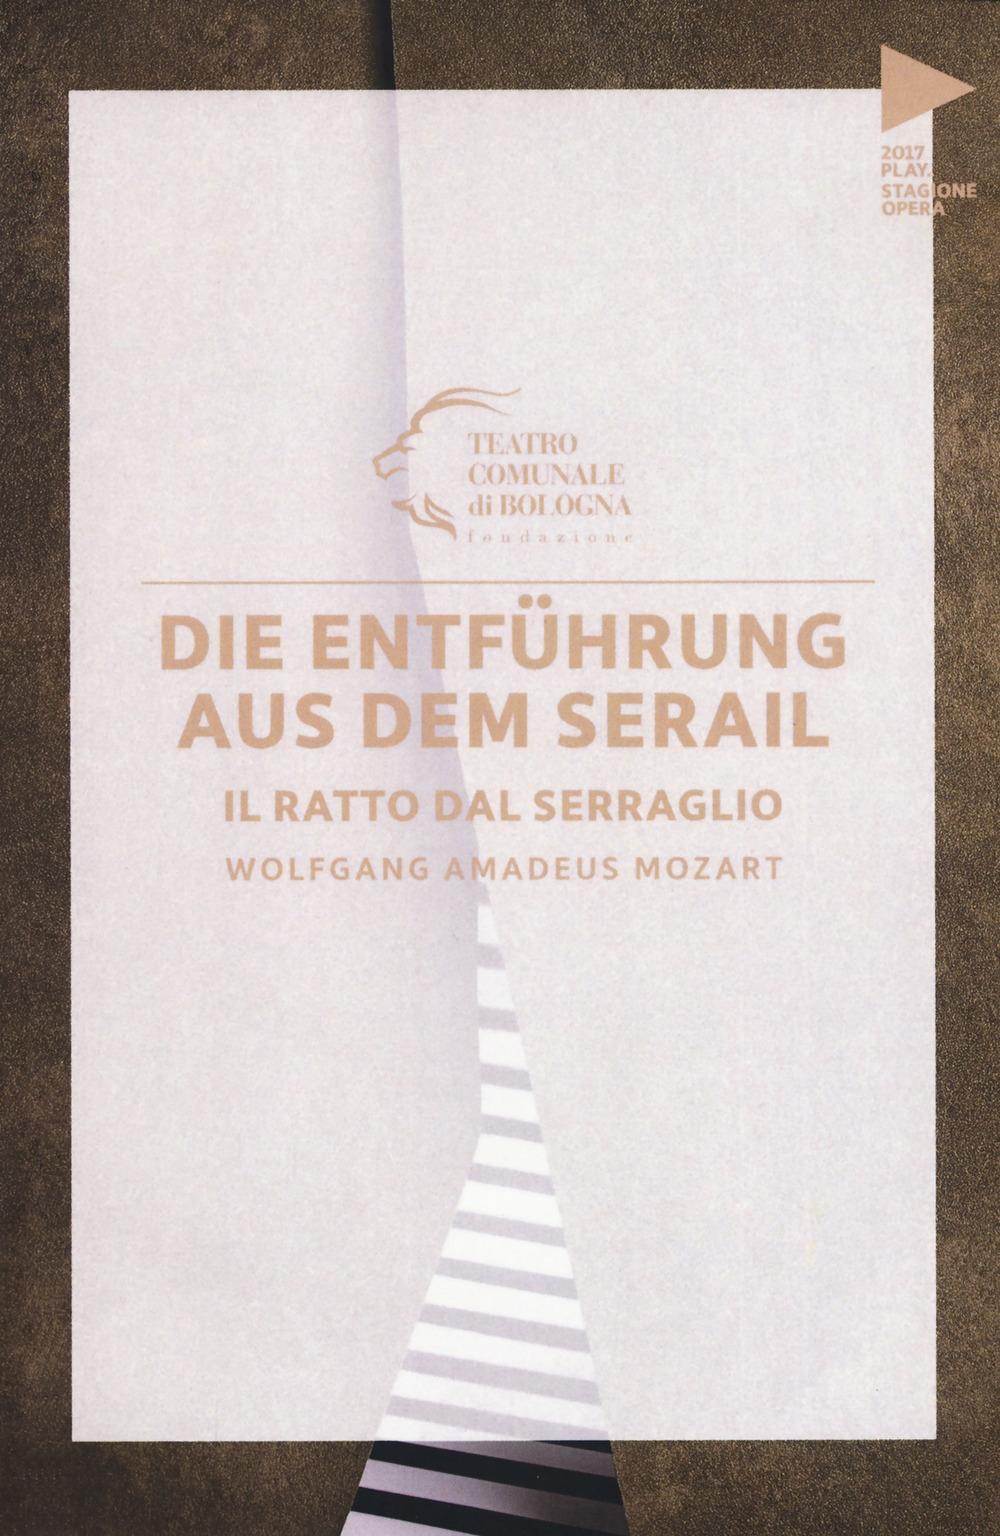 Wolfgang Amadeus Mozart. Die Entführung aus dem serail. Il ratto dal serraglio. Testo tedesco a fronte